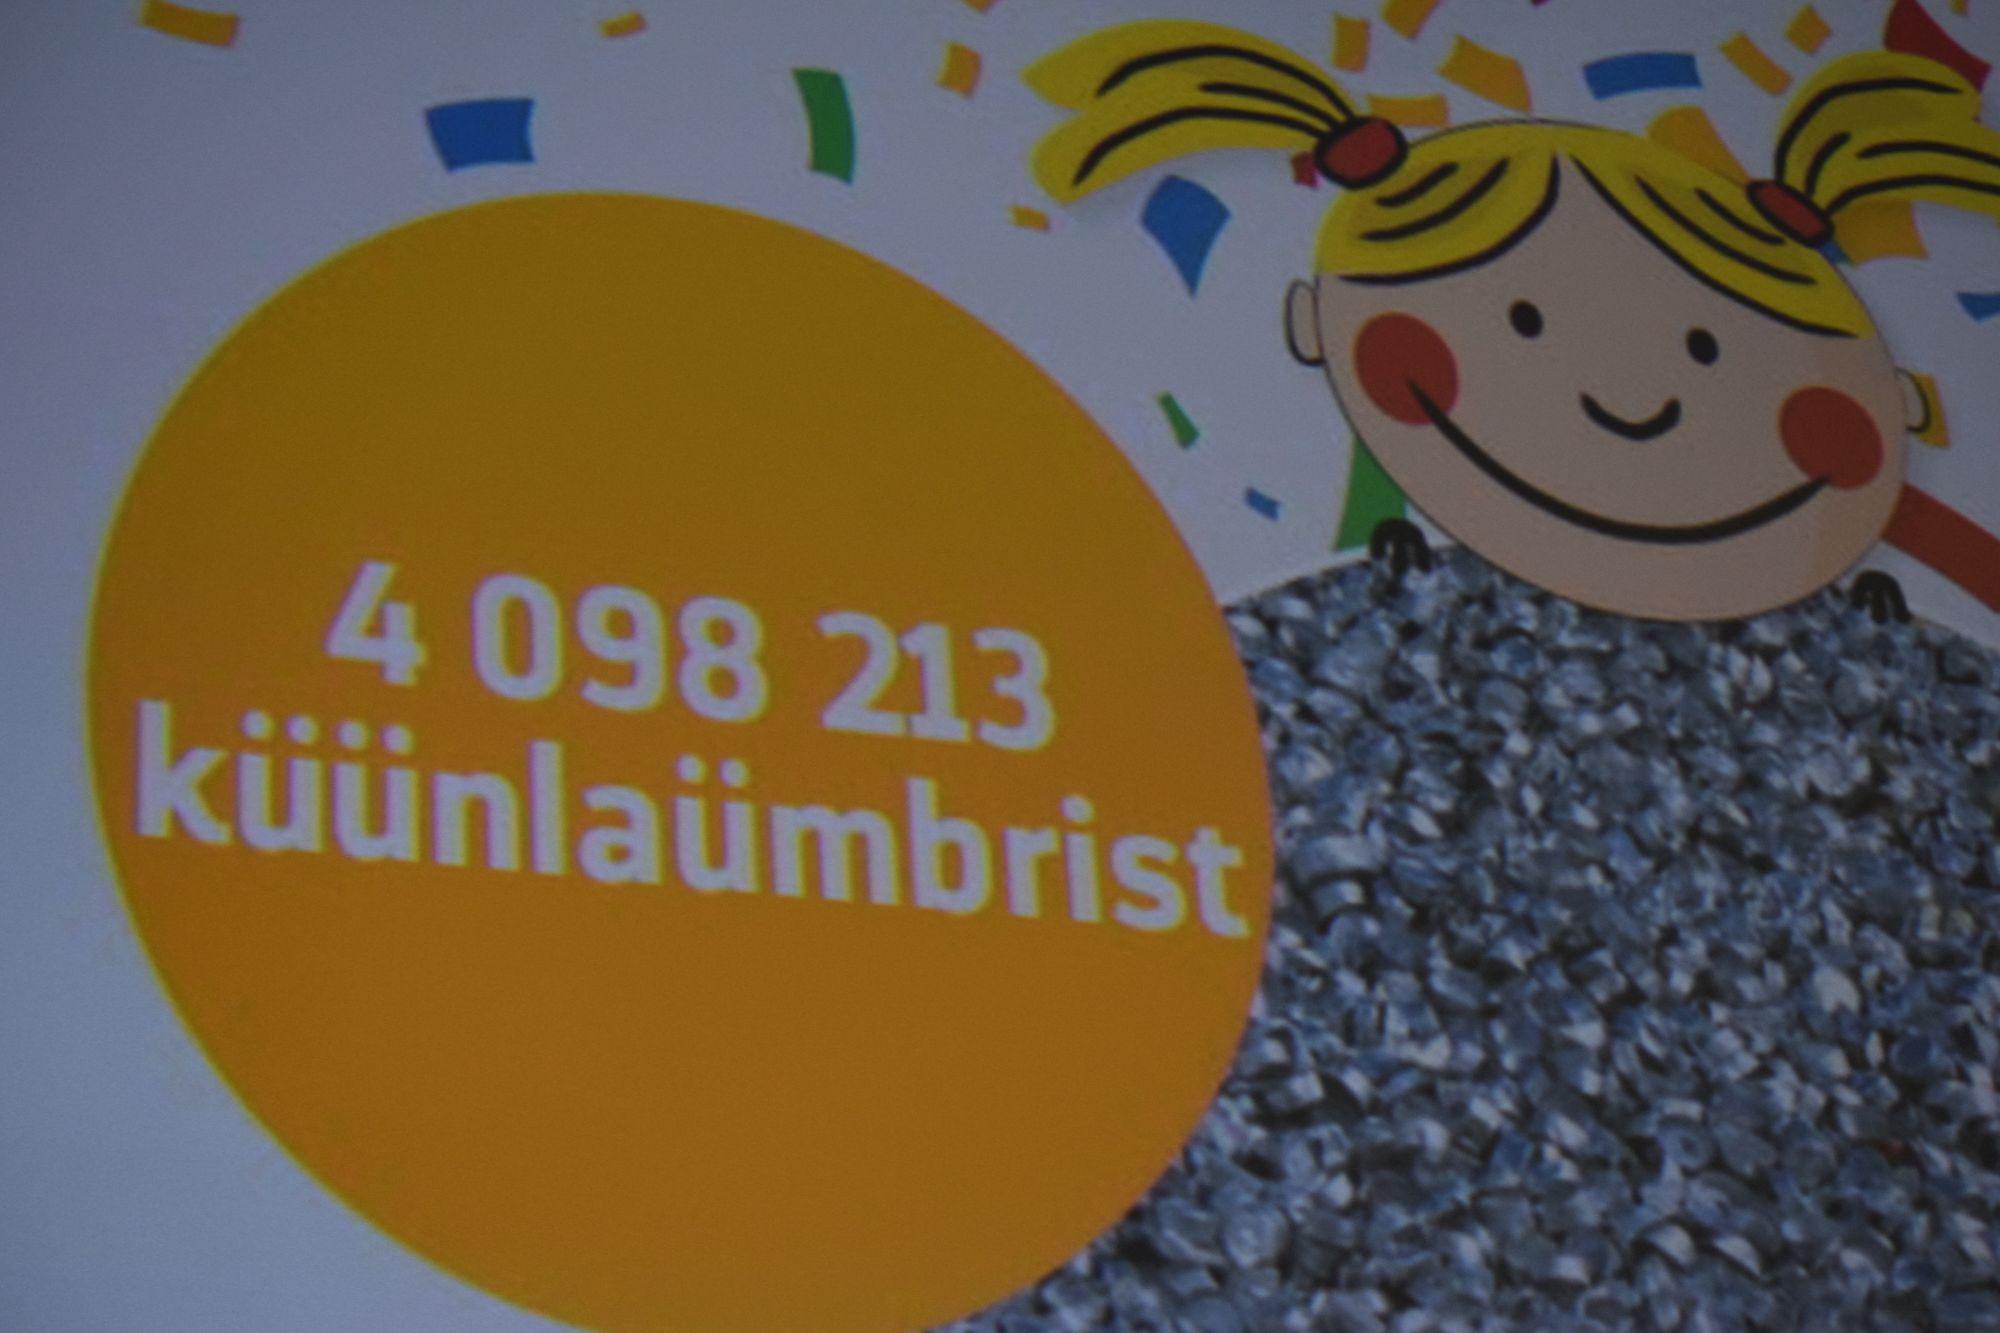 Meie lapsed kogusid 4,1 miljonit teeküünlaümbrist ja 878 000 kasutatud patareid